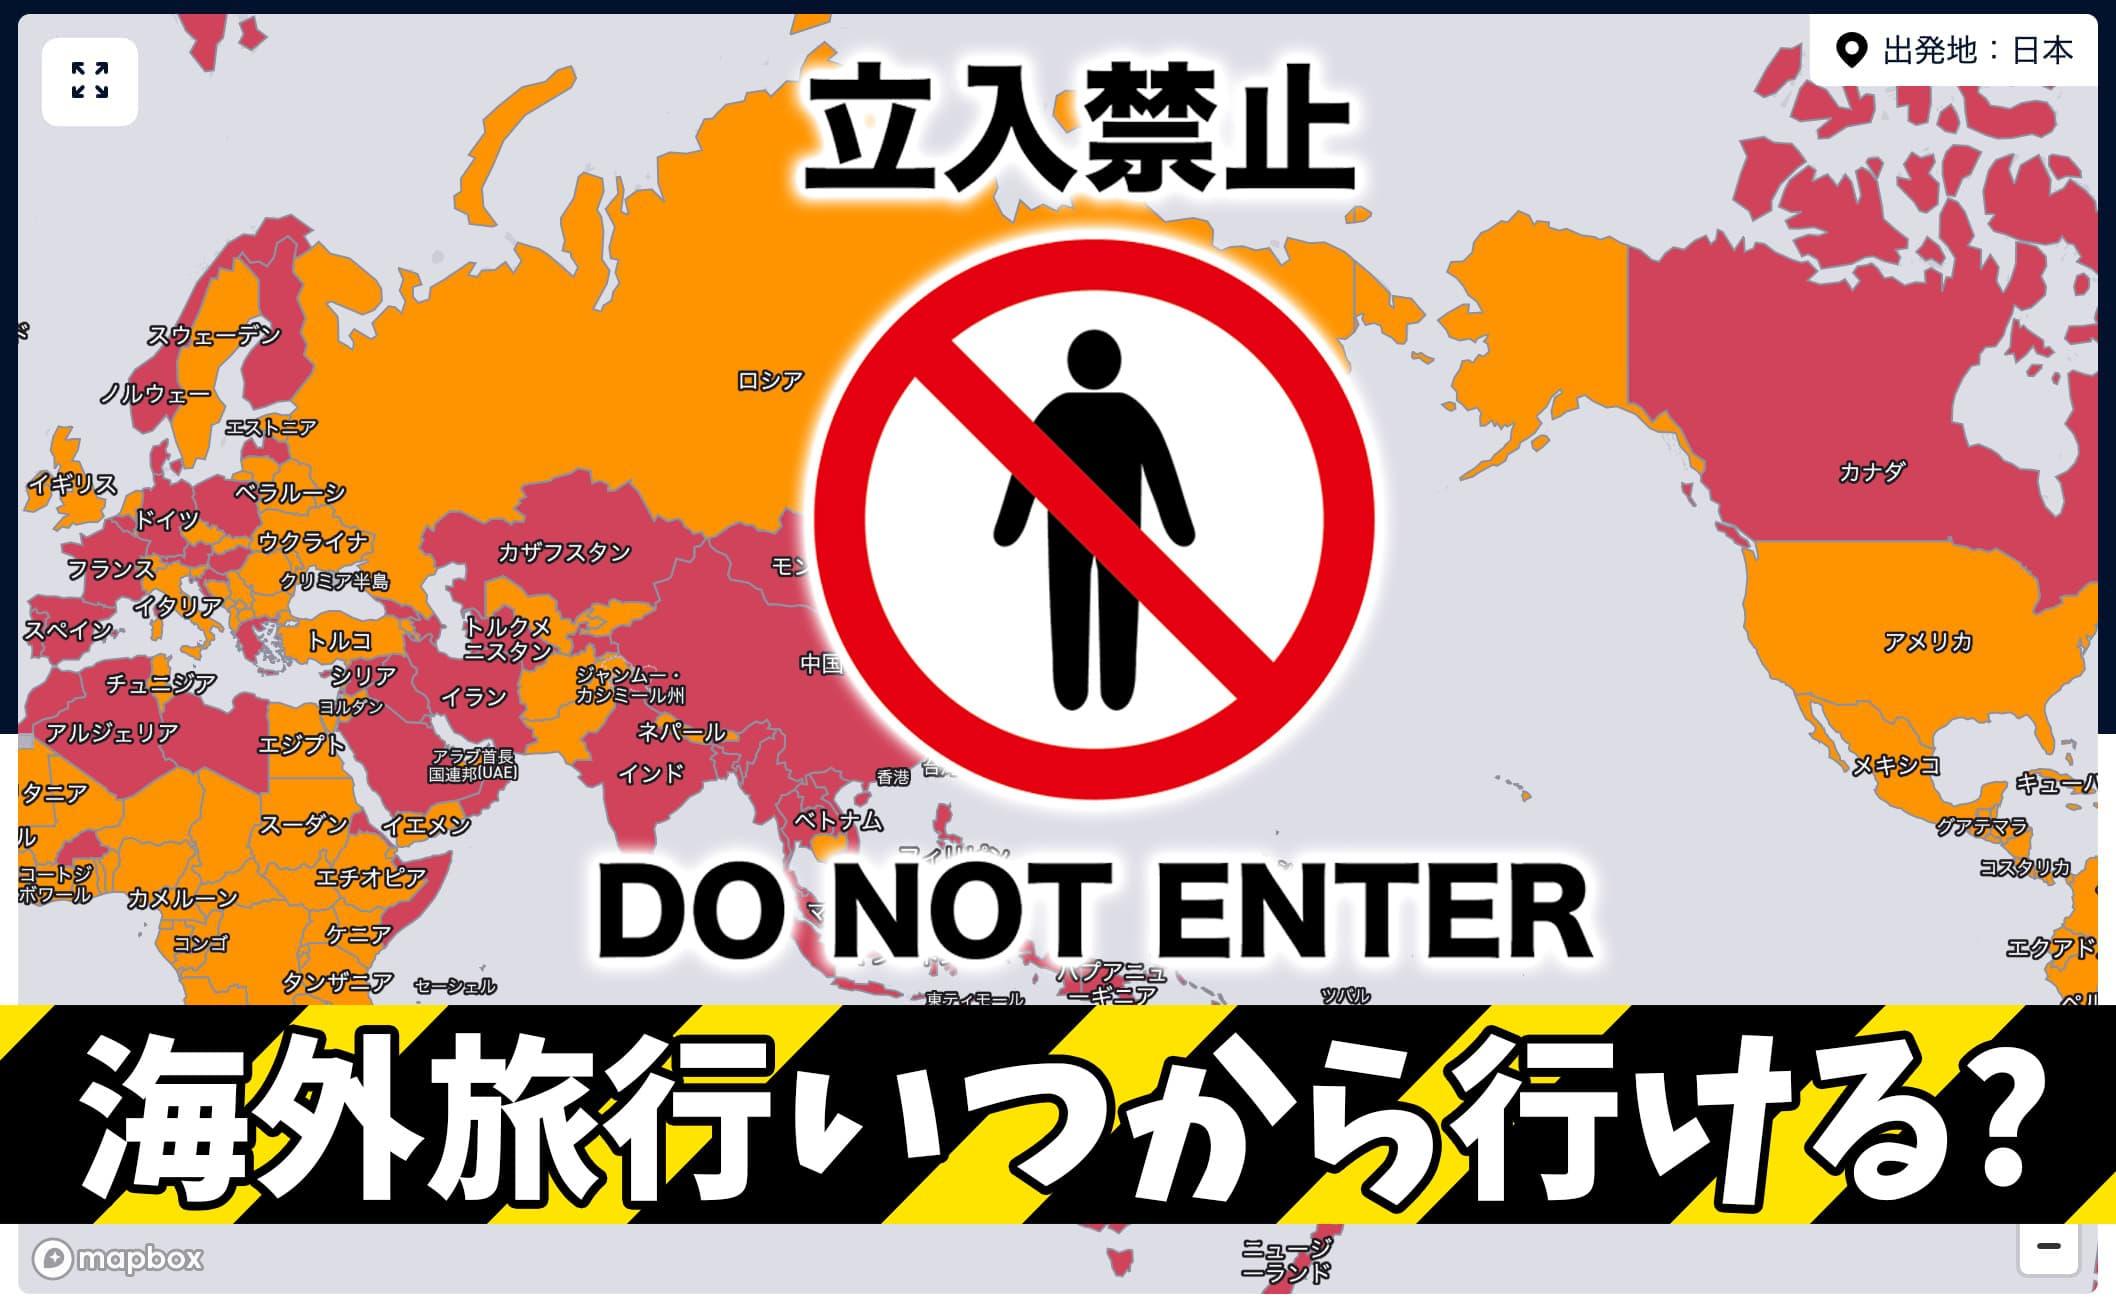 毎日更新!海外旅行いつから行ける?ひと目で分かる便利な地図【Skyscanner】